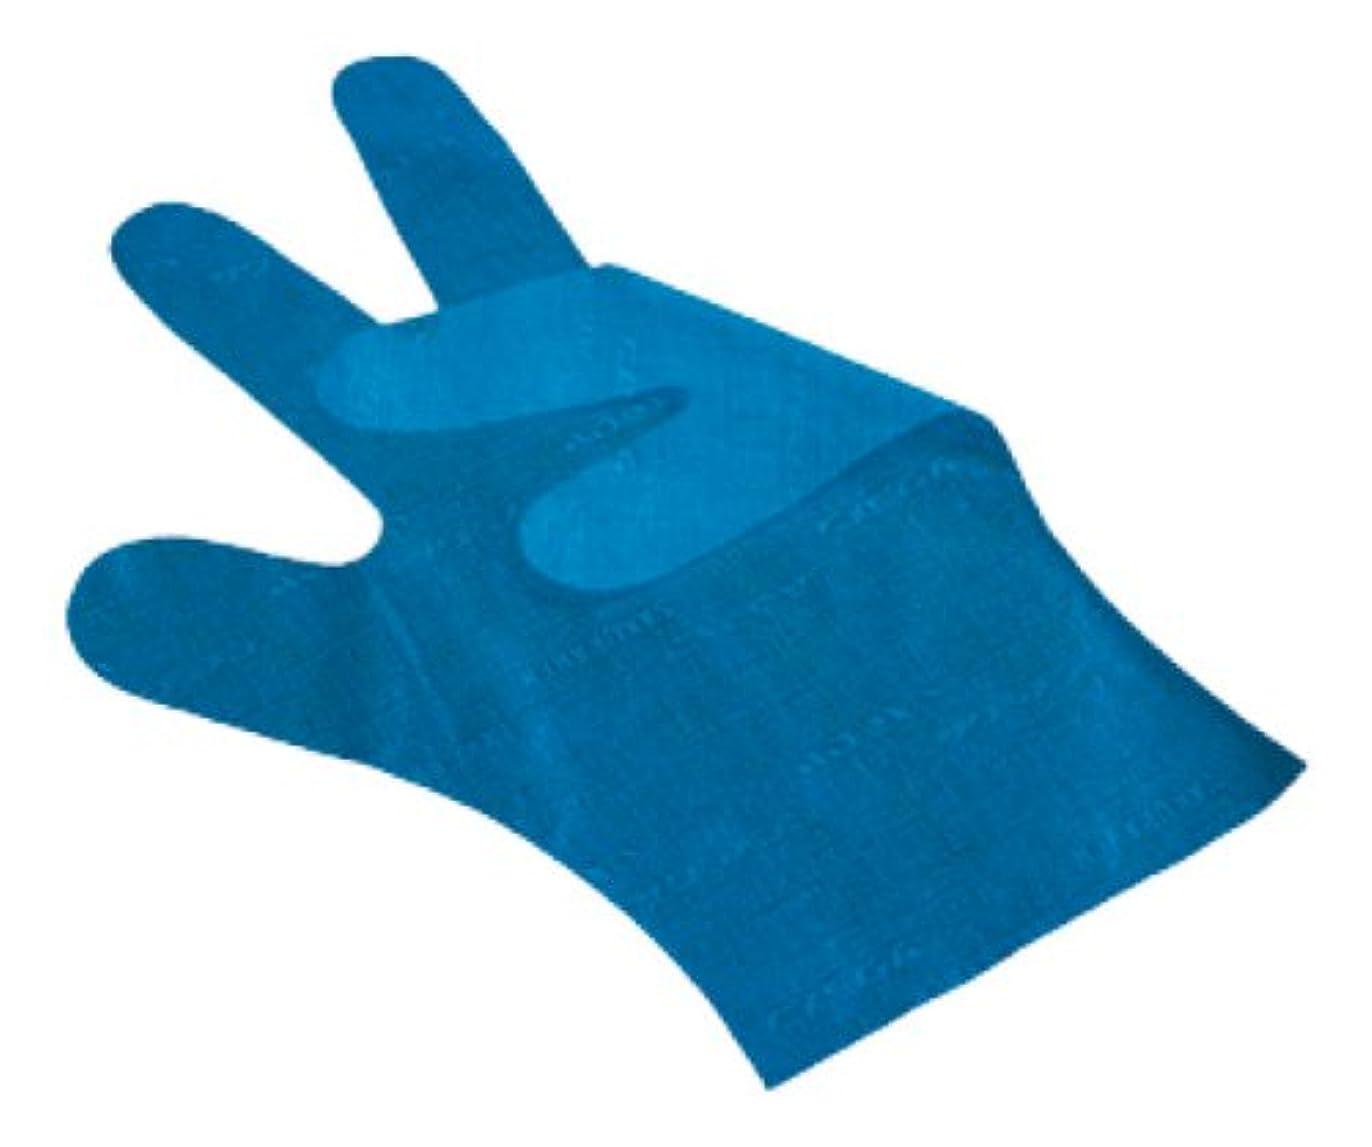 誤ってあごひげ持っているサクラメン手袋 デラックス(100枚入)L ブルー 35μ